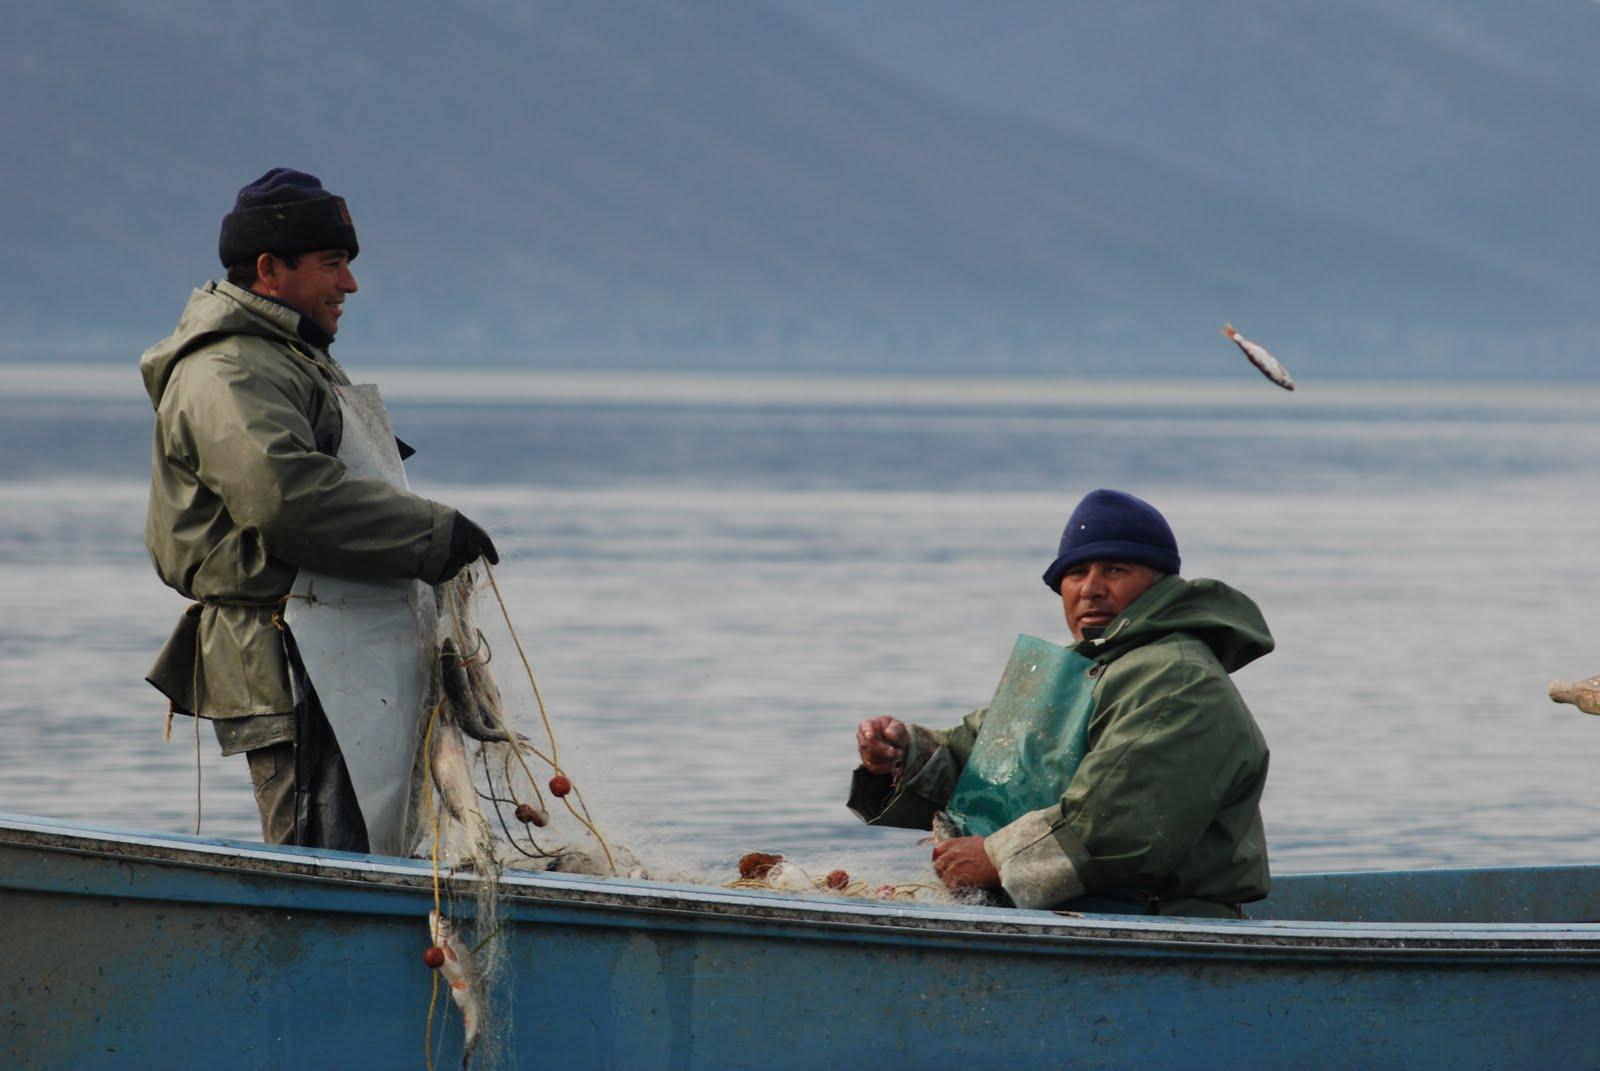 Κορονοϊός: Έως και 24.000 τον μήνα σε αλιείς που επλήγησαν